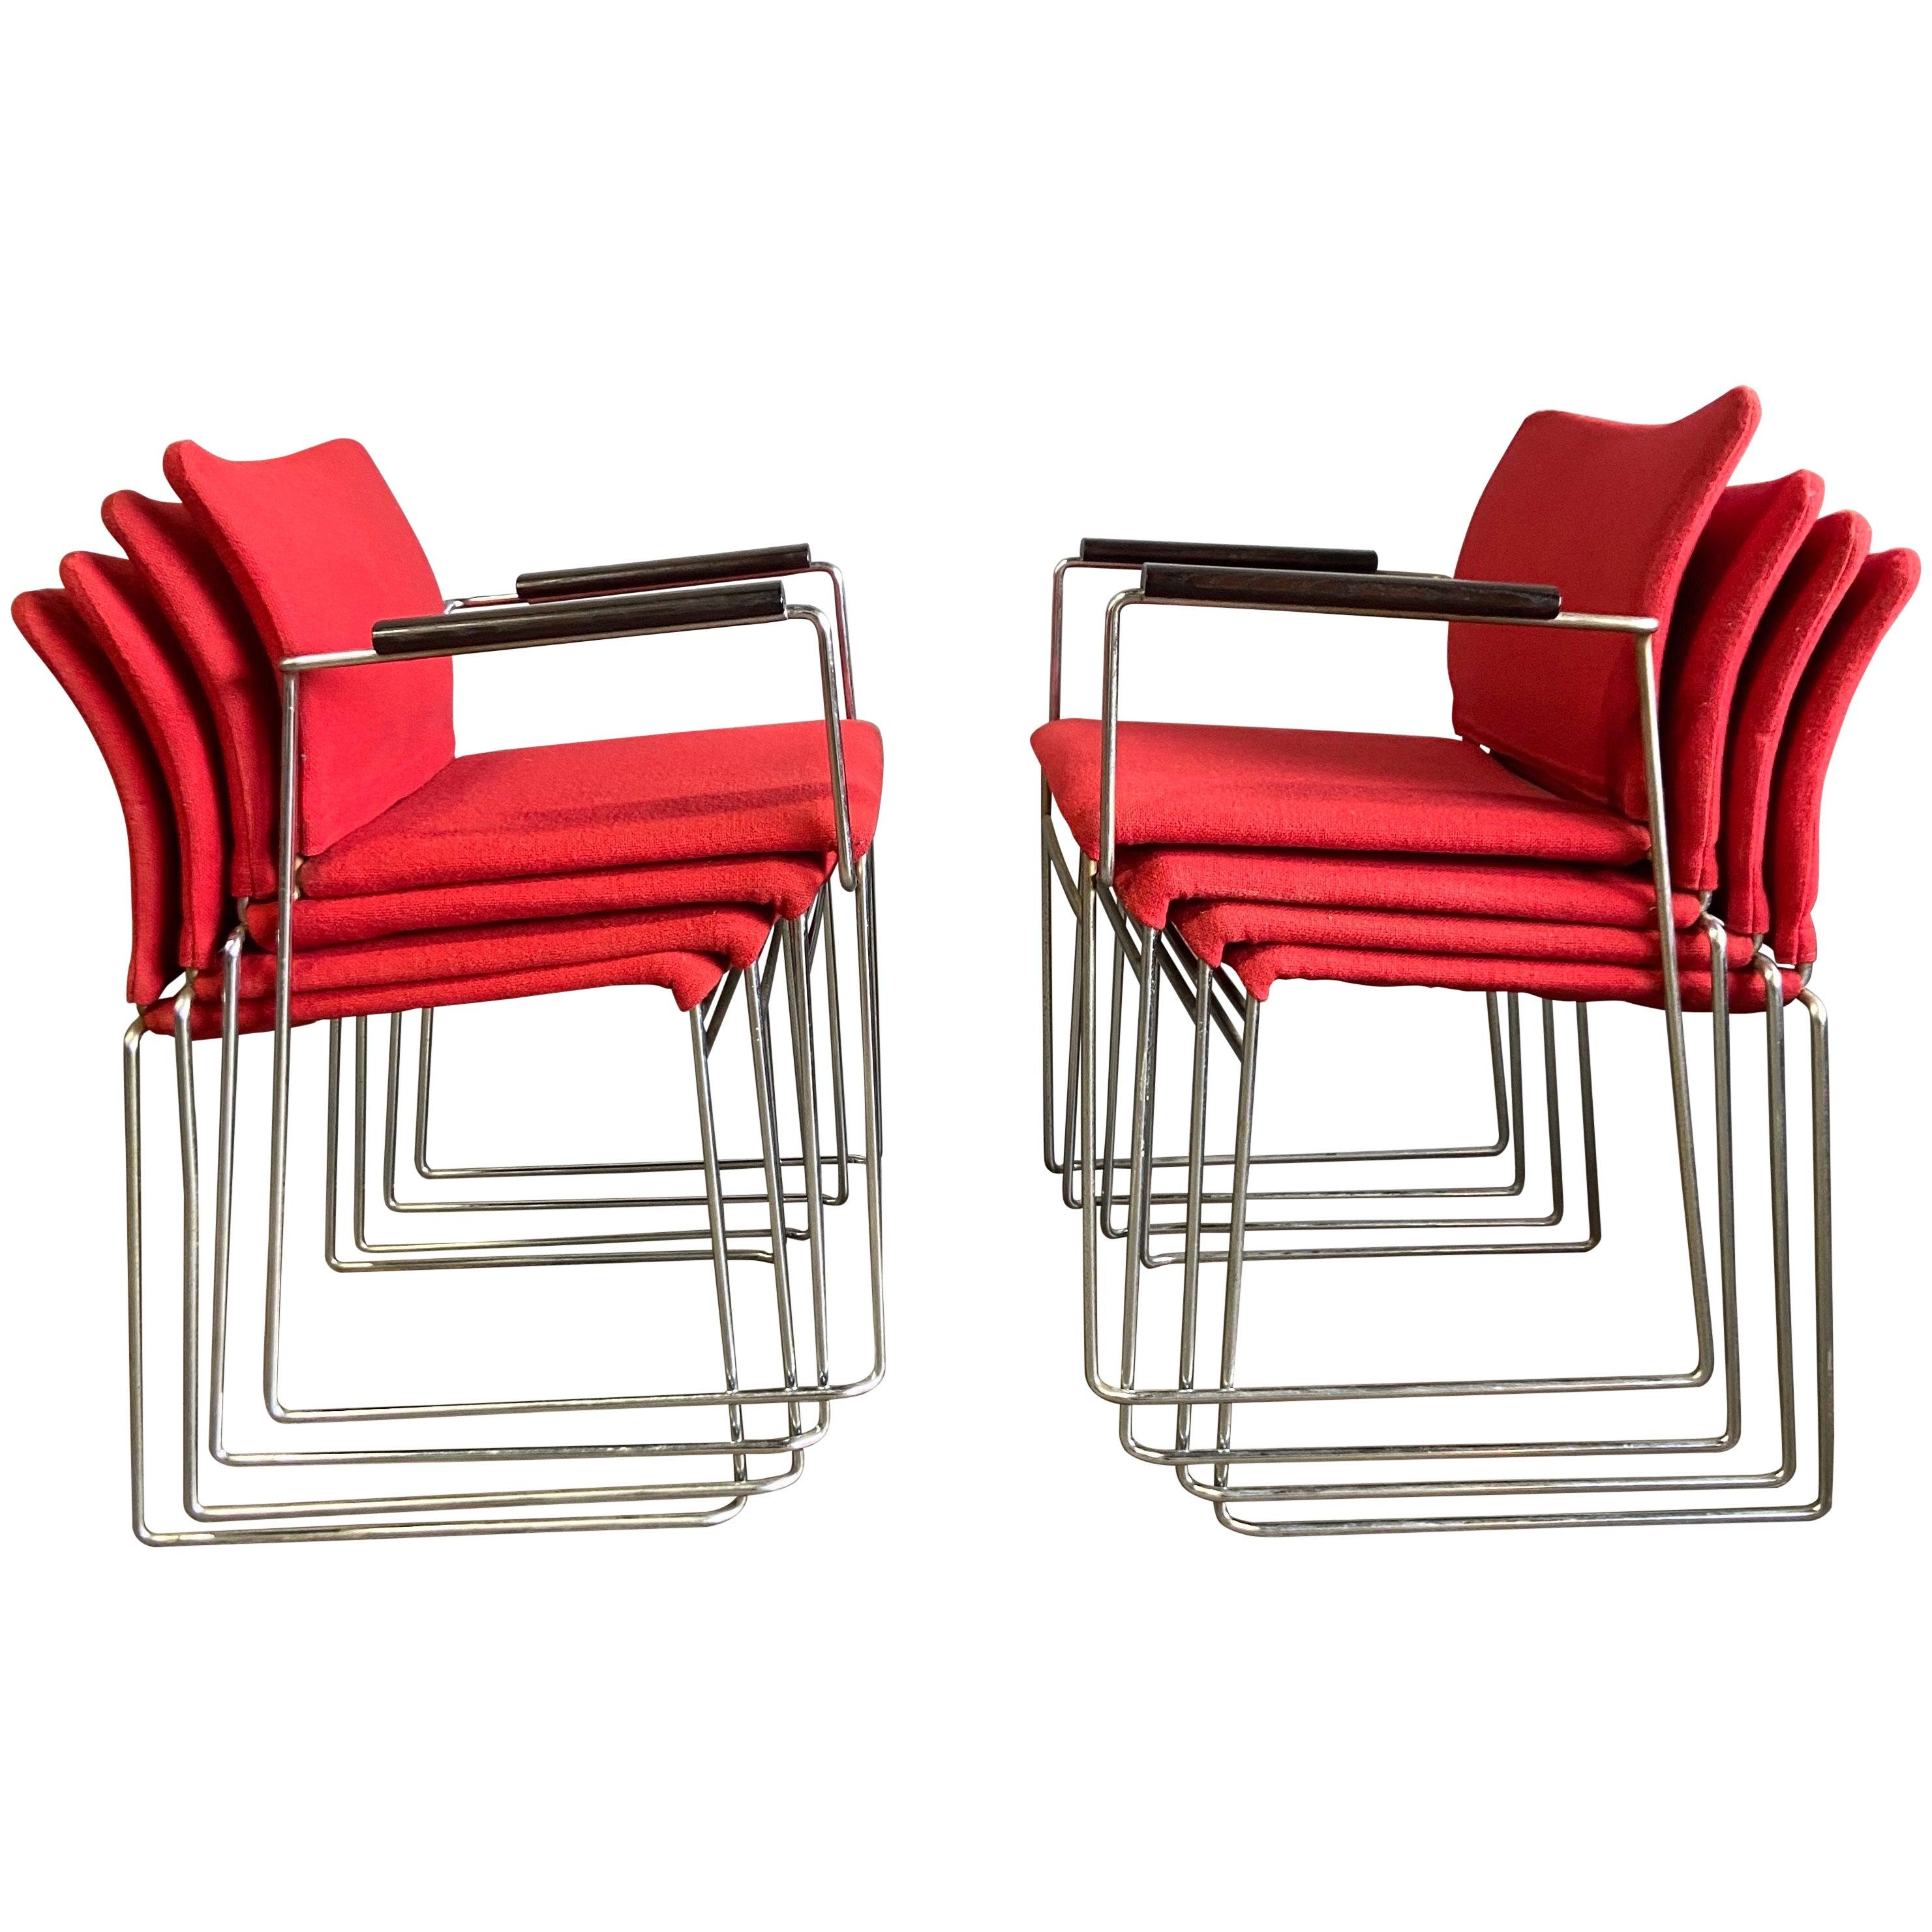 Midcentury Jano Chairs by Kazuhide Takahama